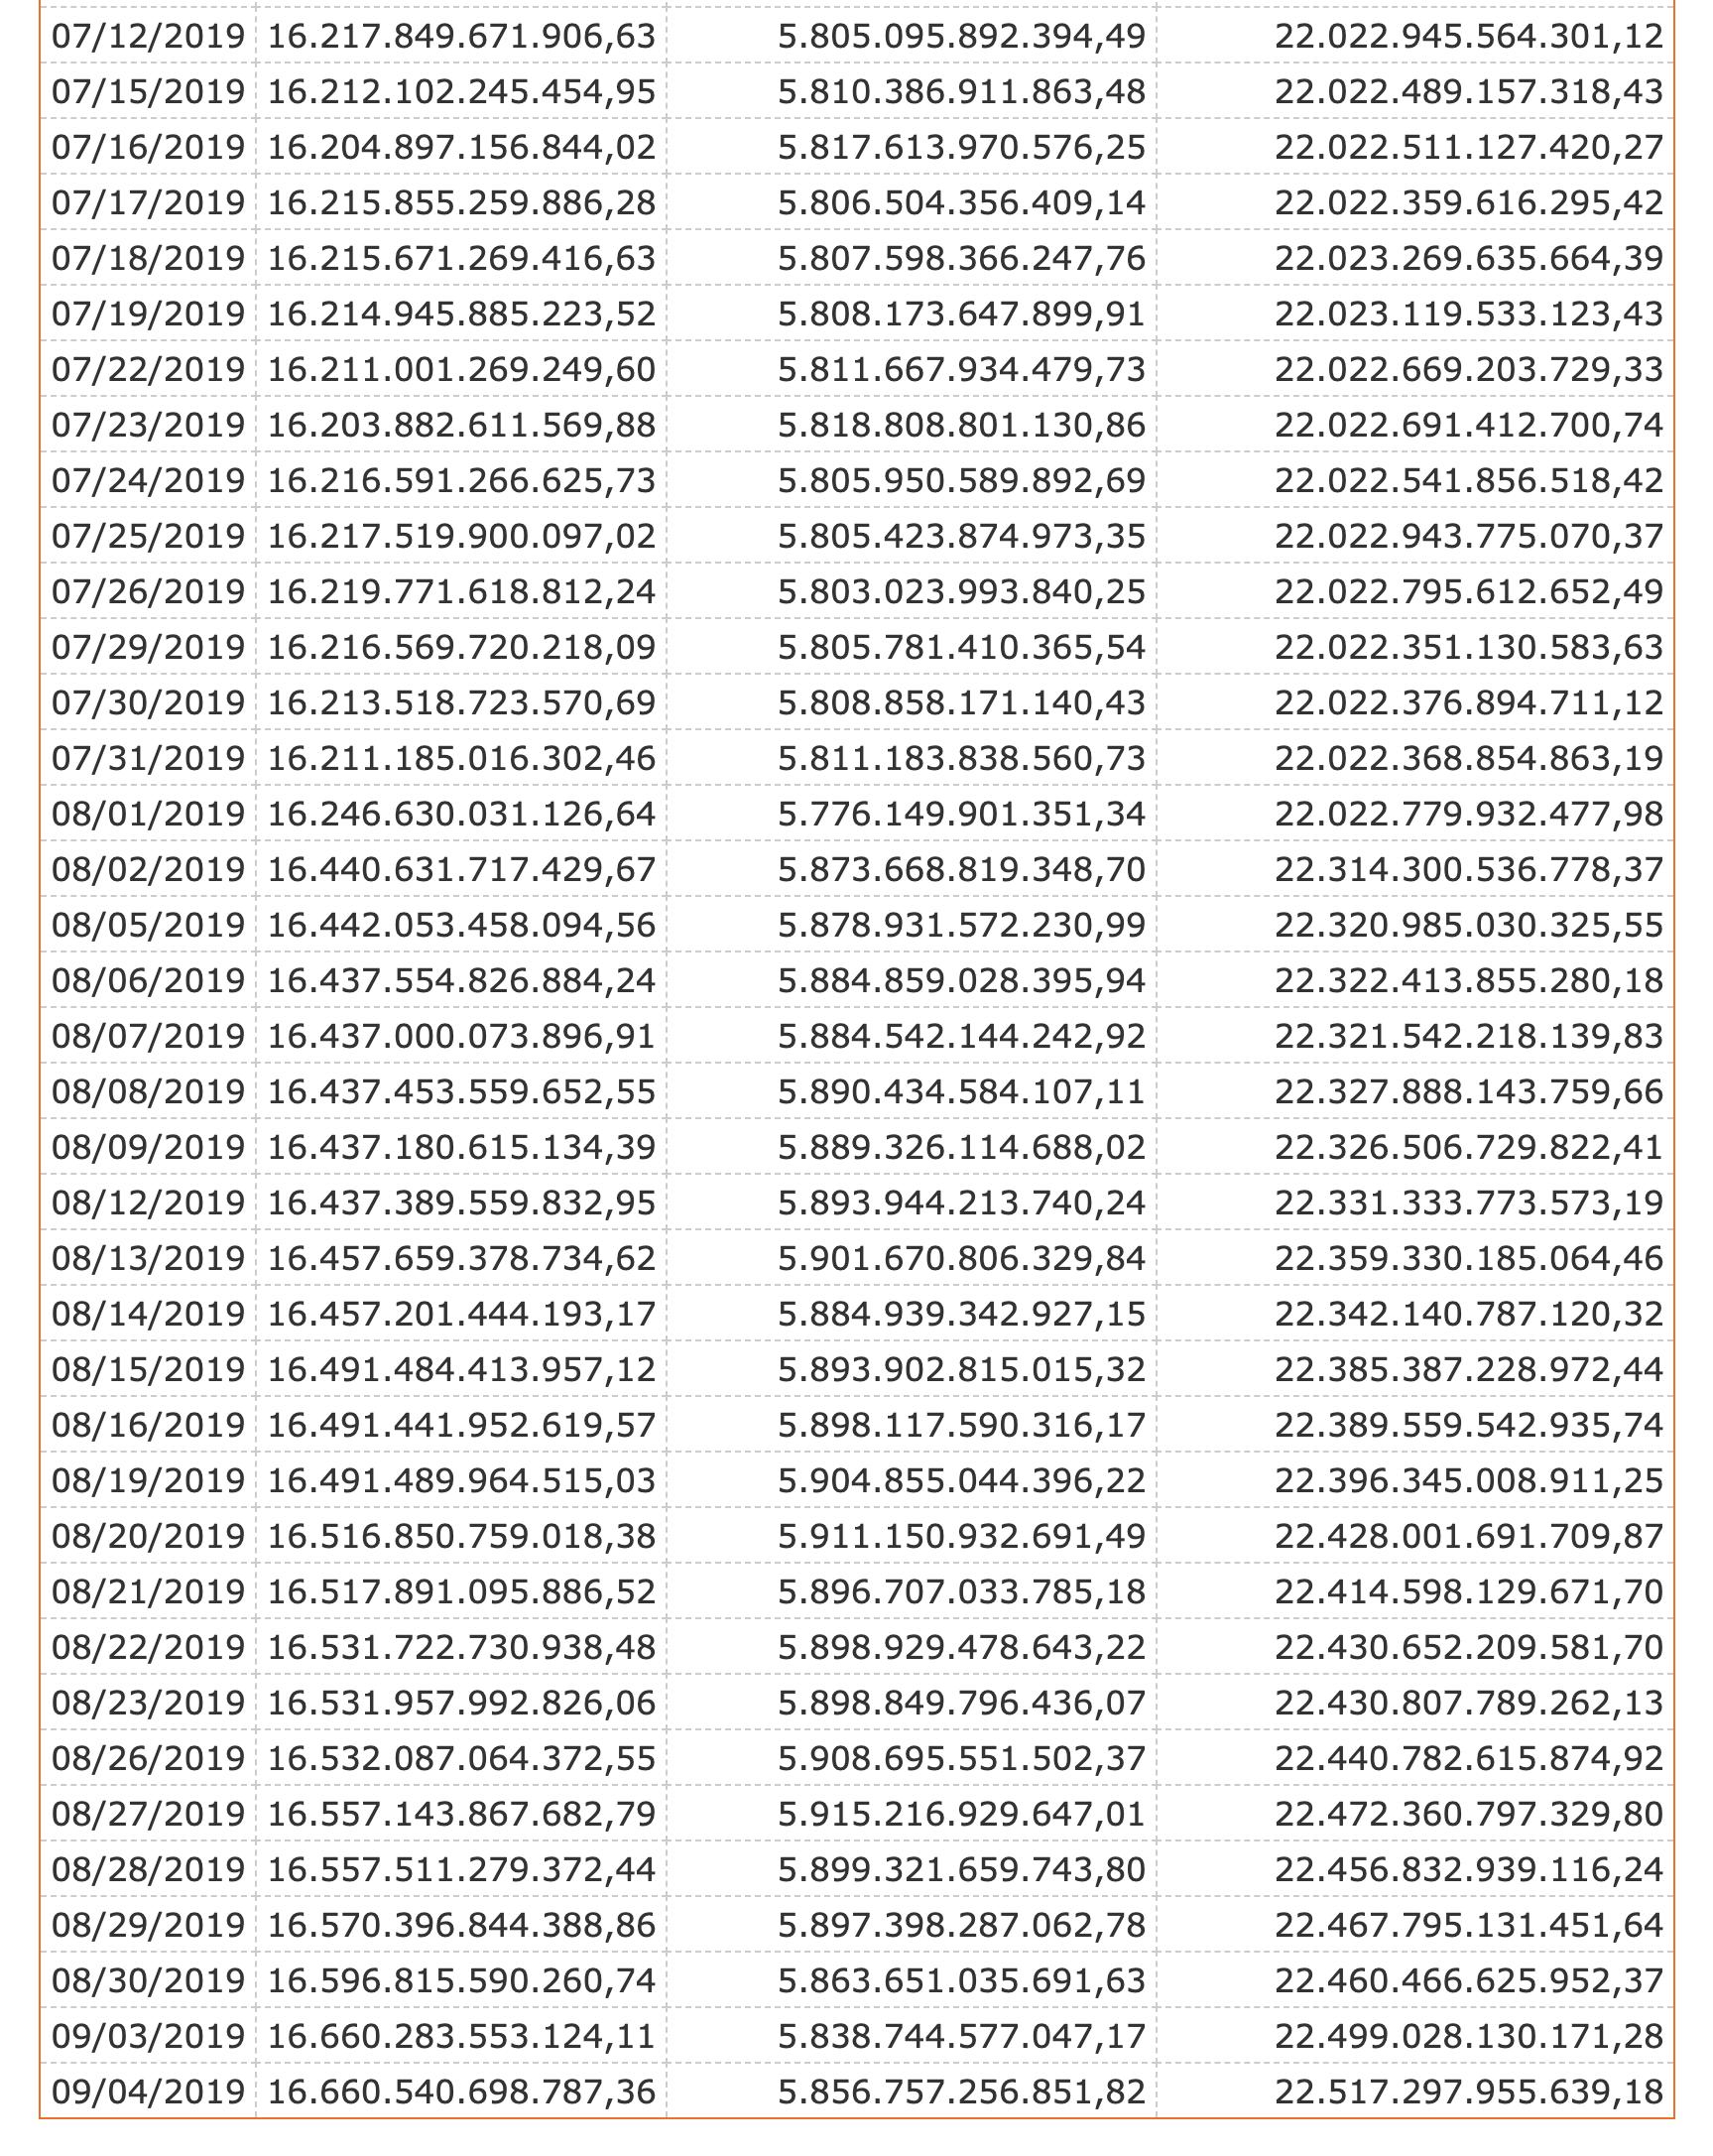 US-Staatsverschuldung Tagesstatistik